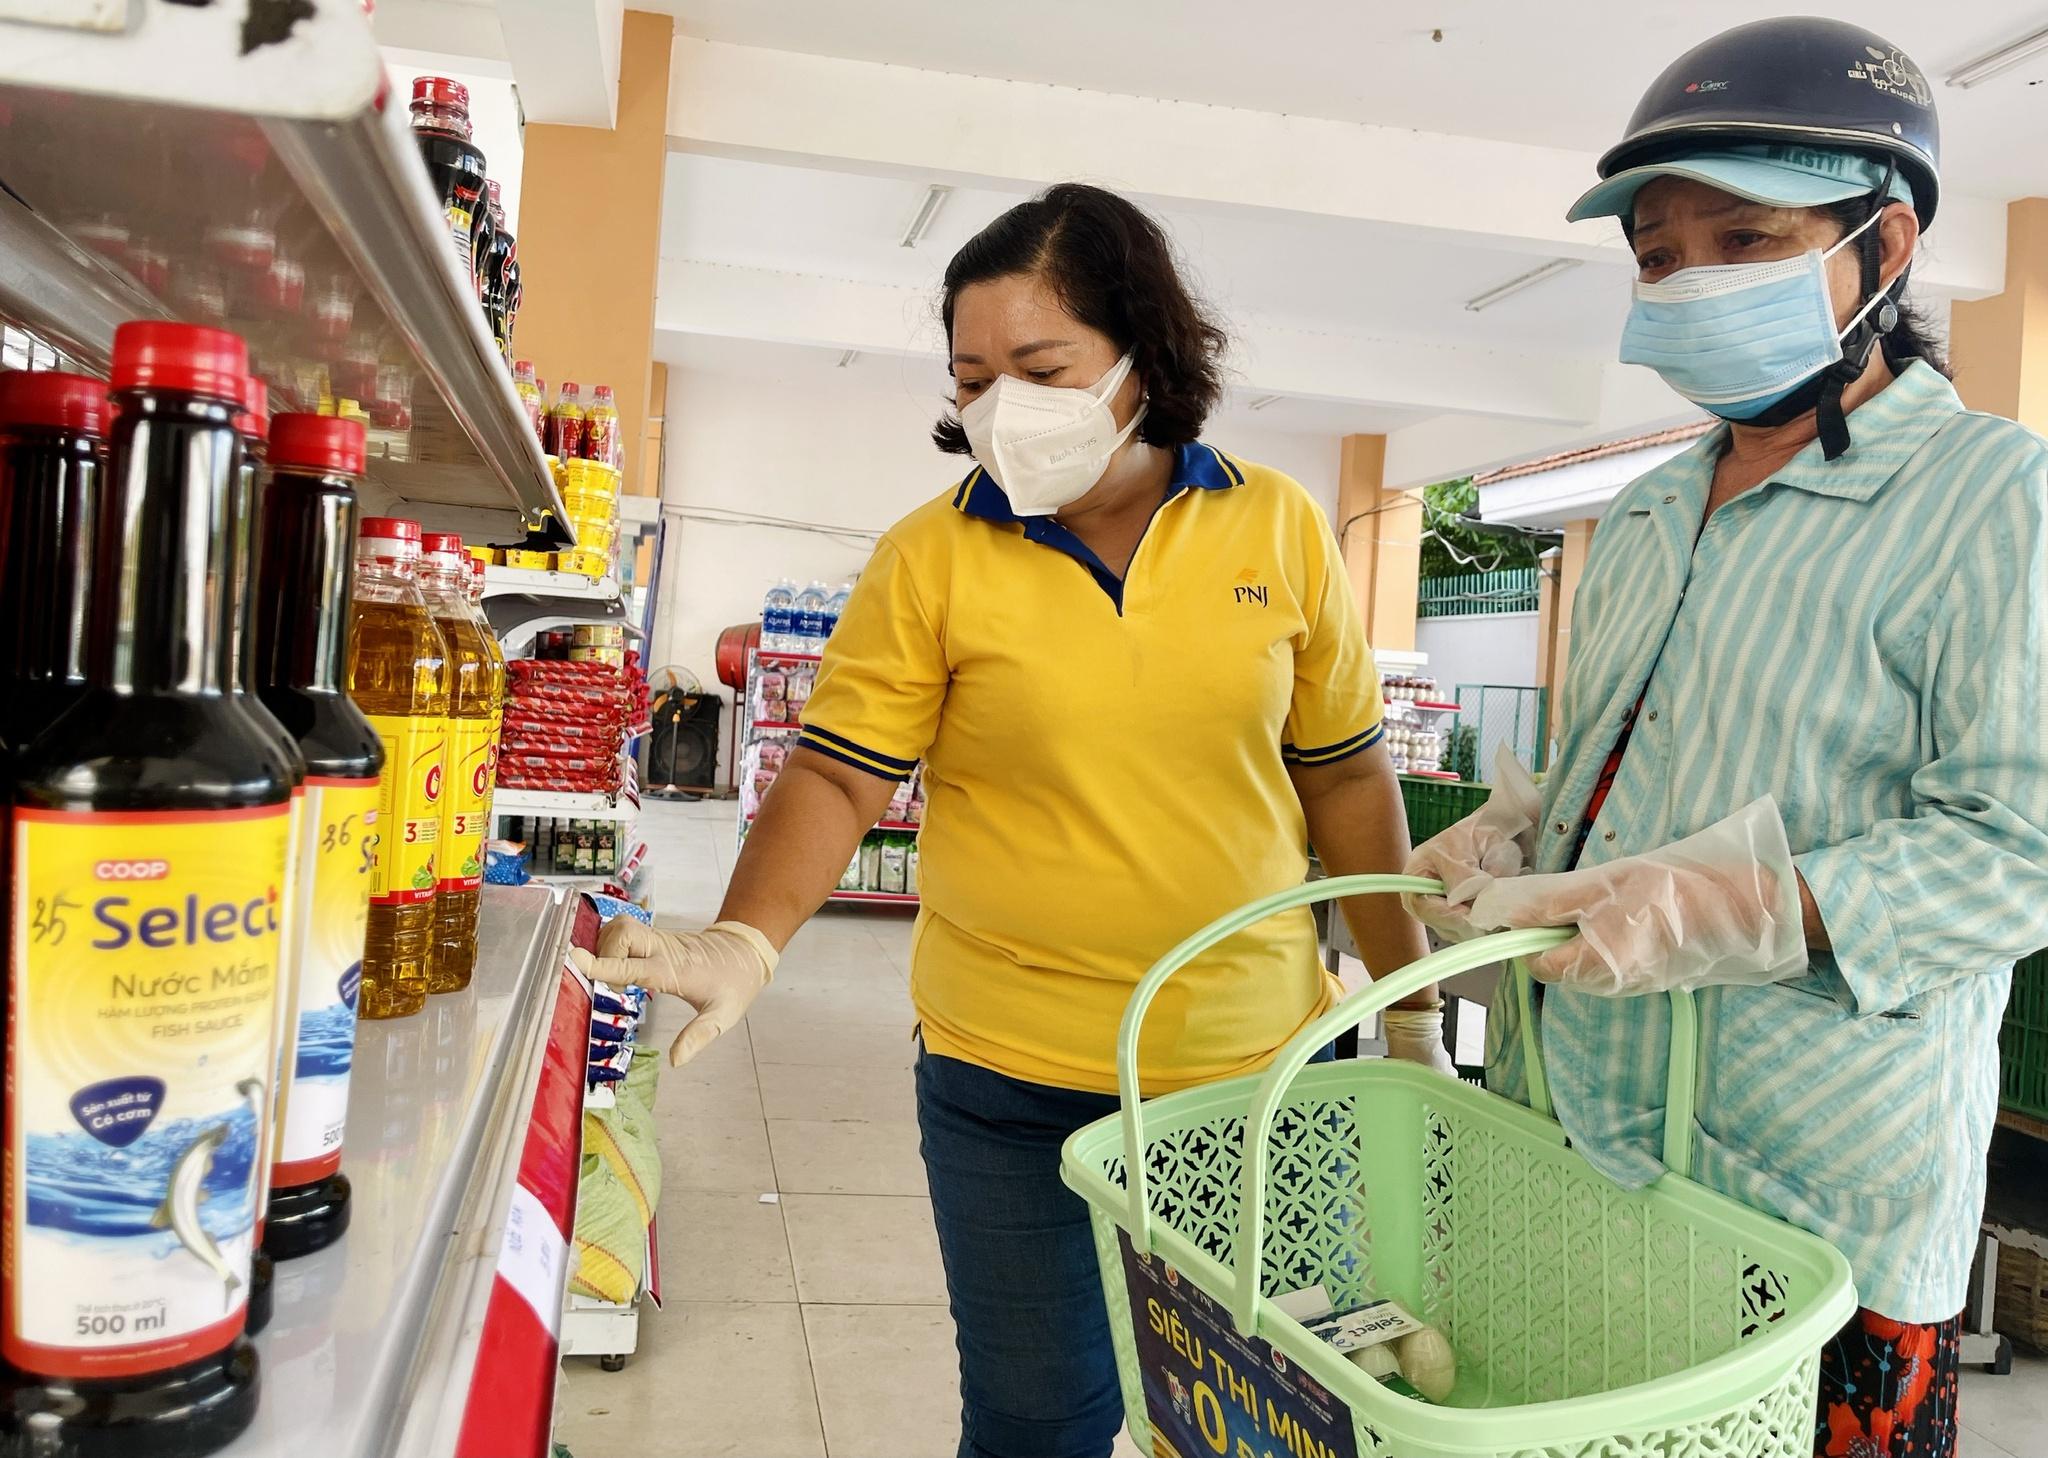 Giữa dịch Covid-19: Người Sài Gòn bật khóc ở siêu thị 0 đồng khi được mua đến 400.000 đồng - ảnh 2